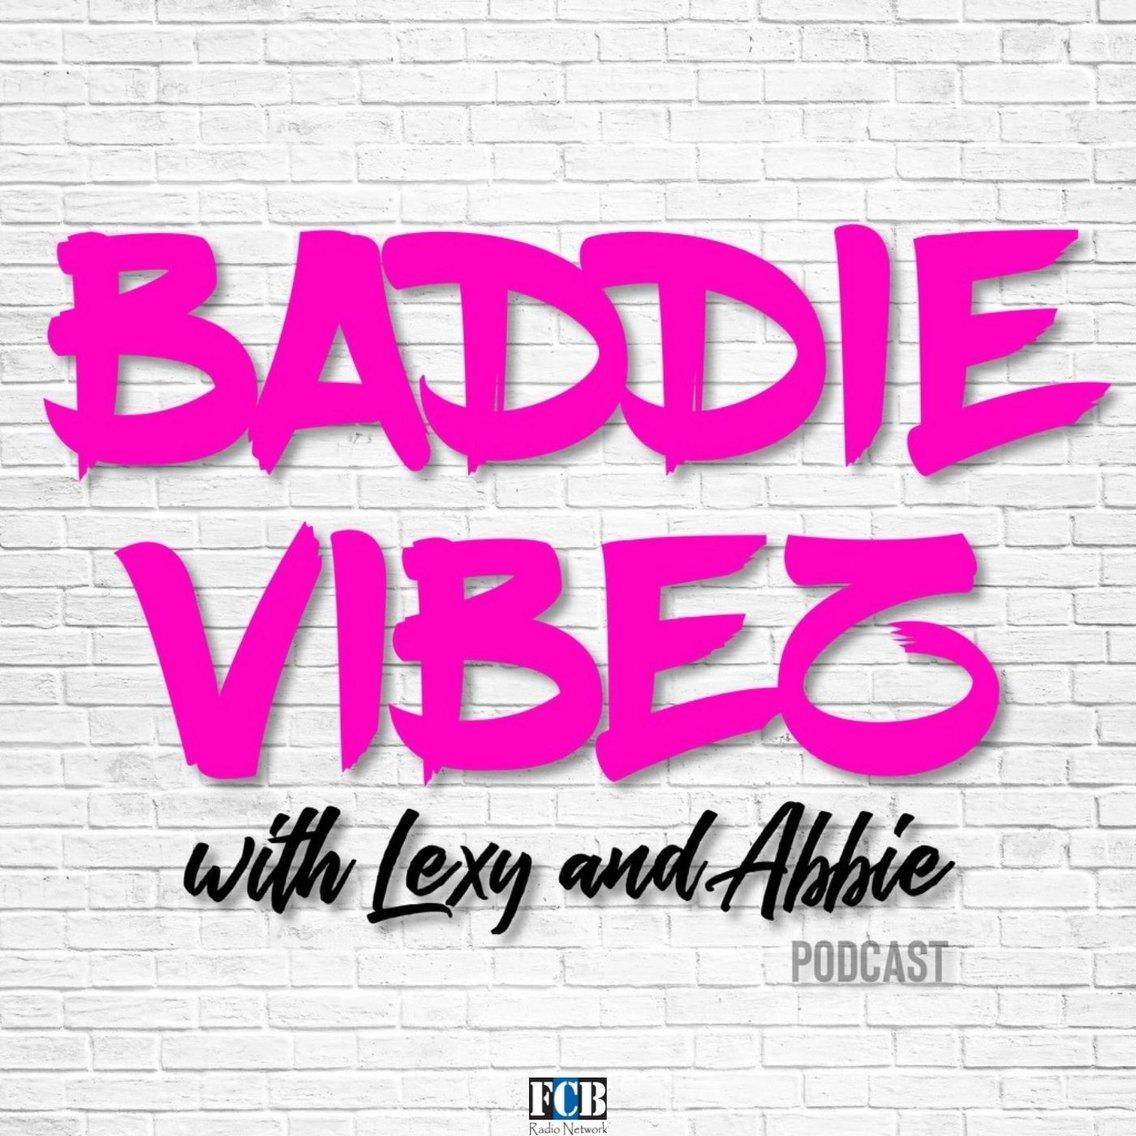 Baddie Vibez with Lexy and Abbie - immagine di copertina